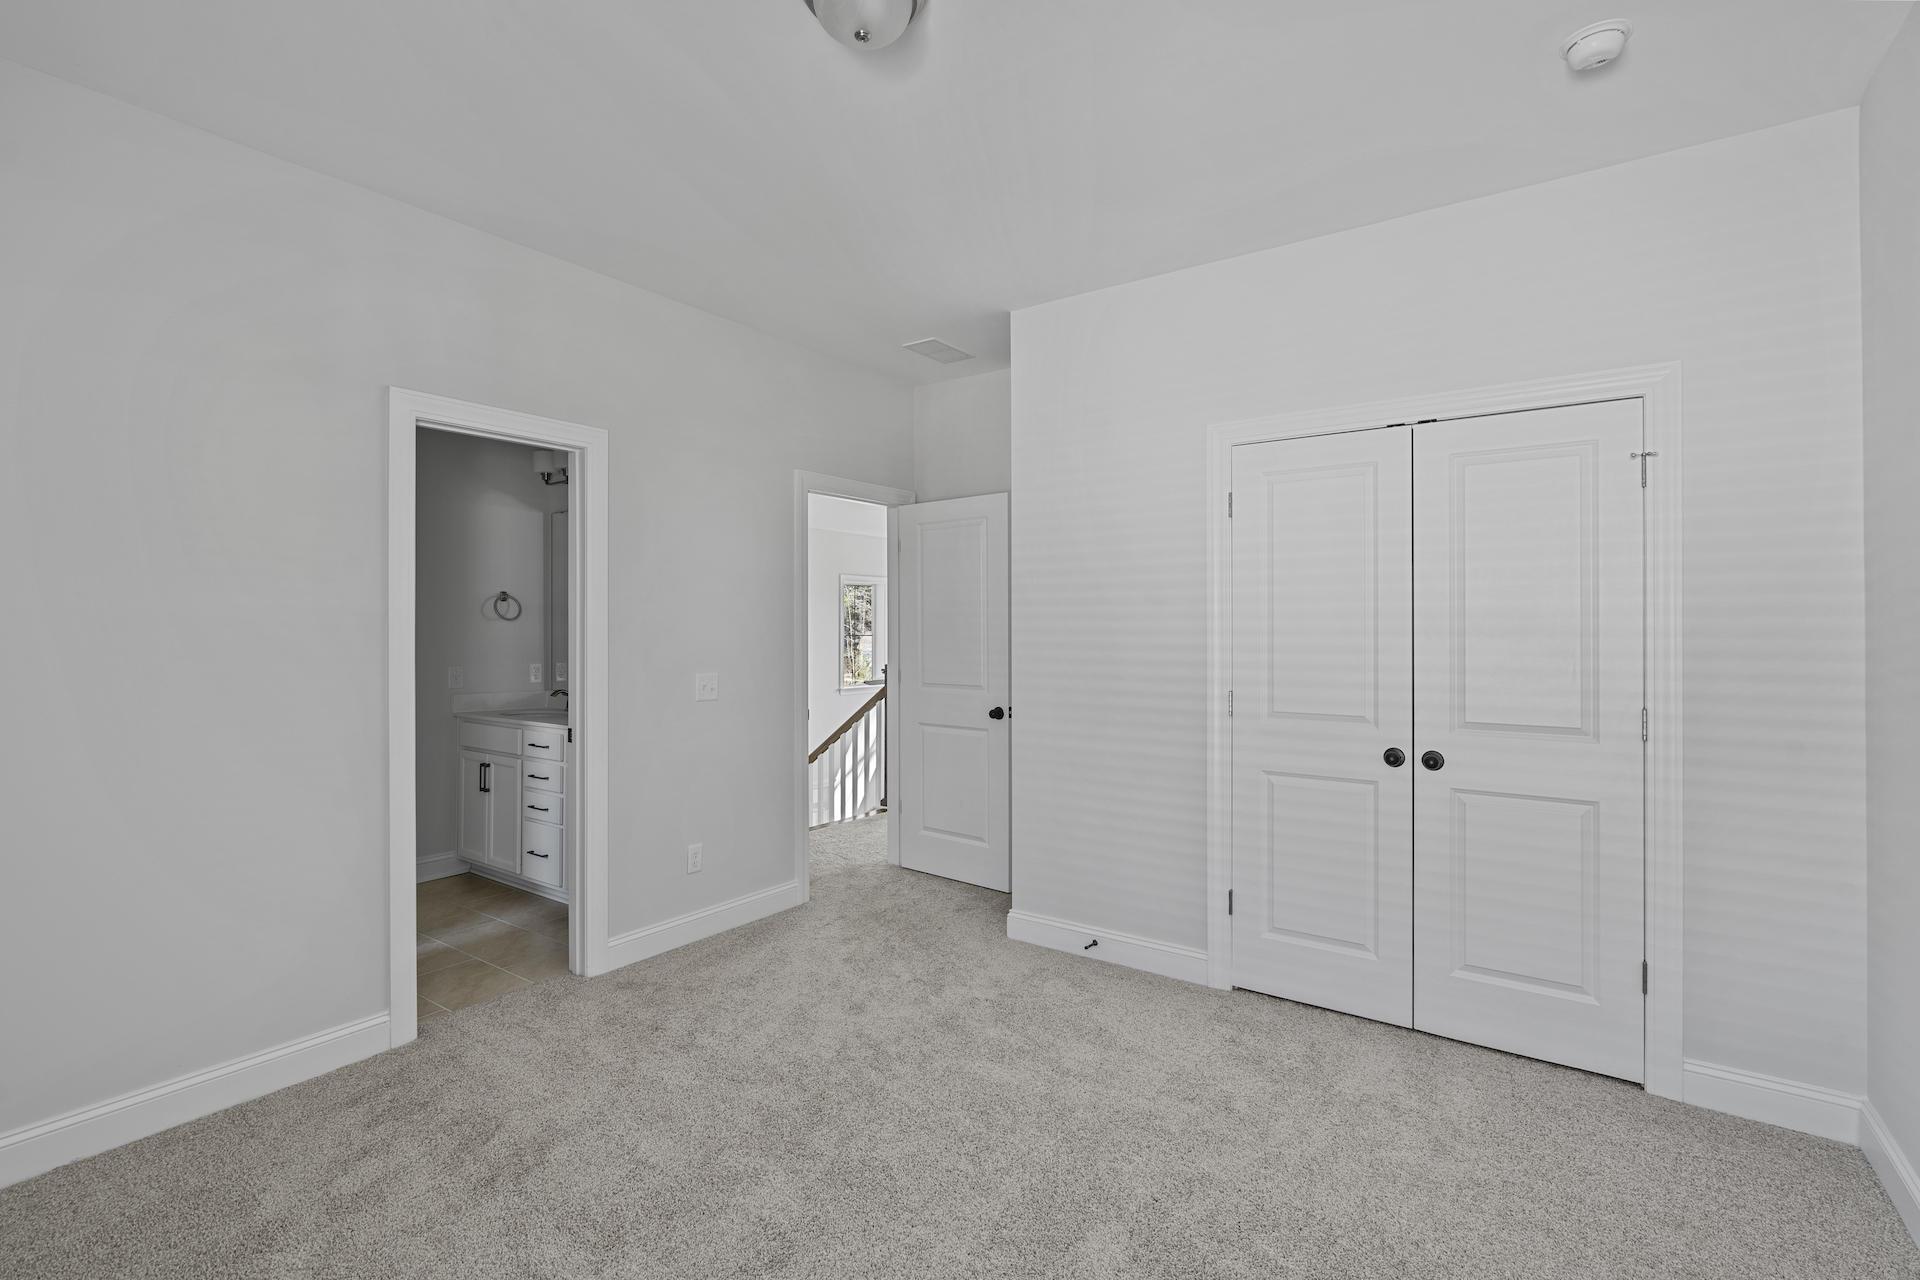 Park West Homes For Sale - 1504 Hopkins, Mount Pleasant, SC - 22